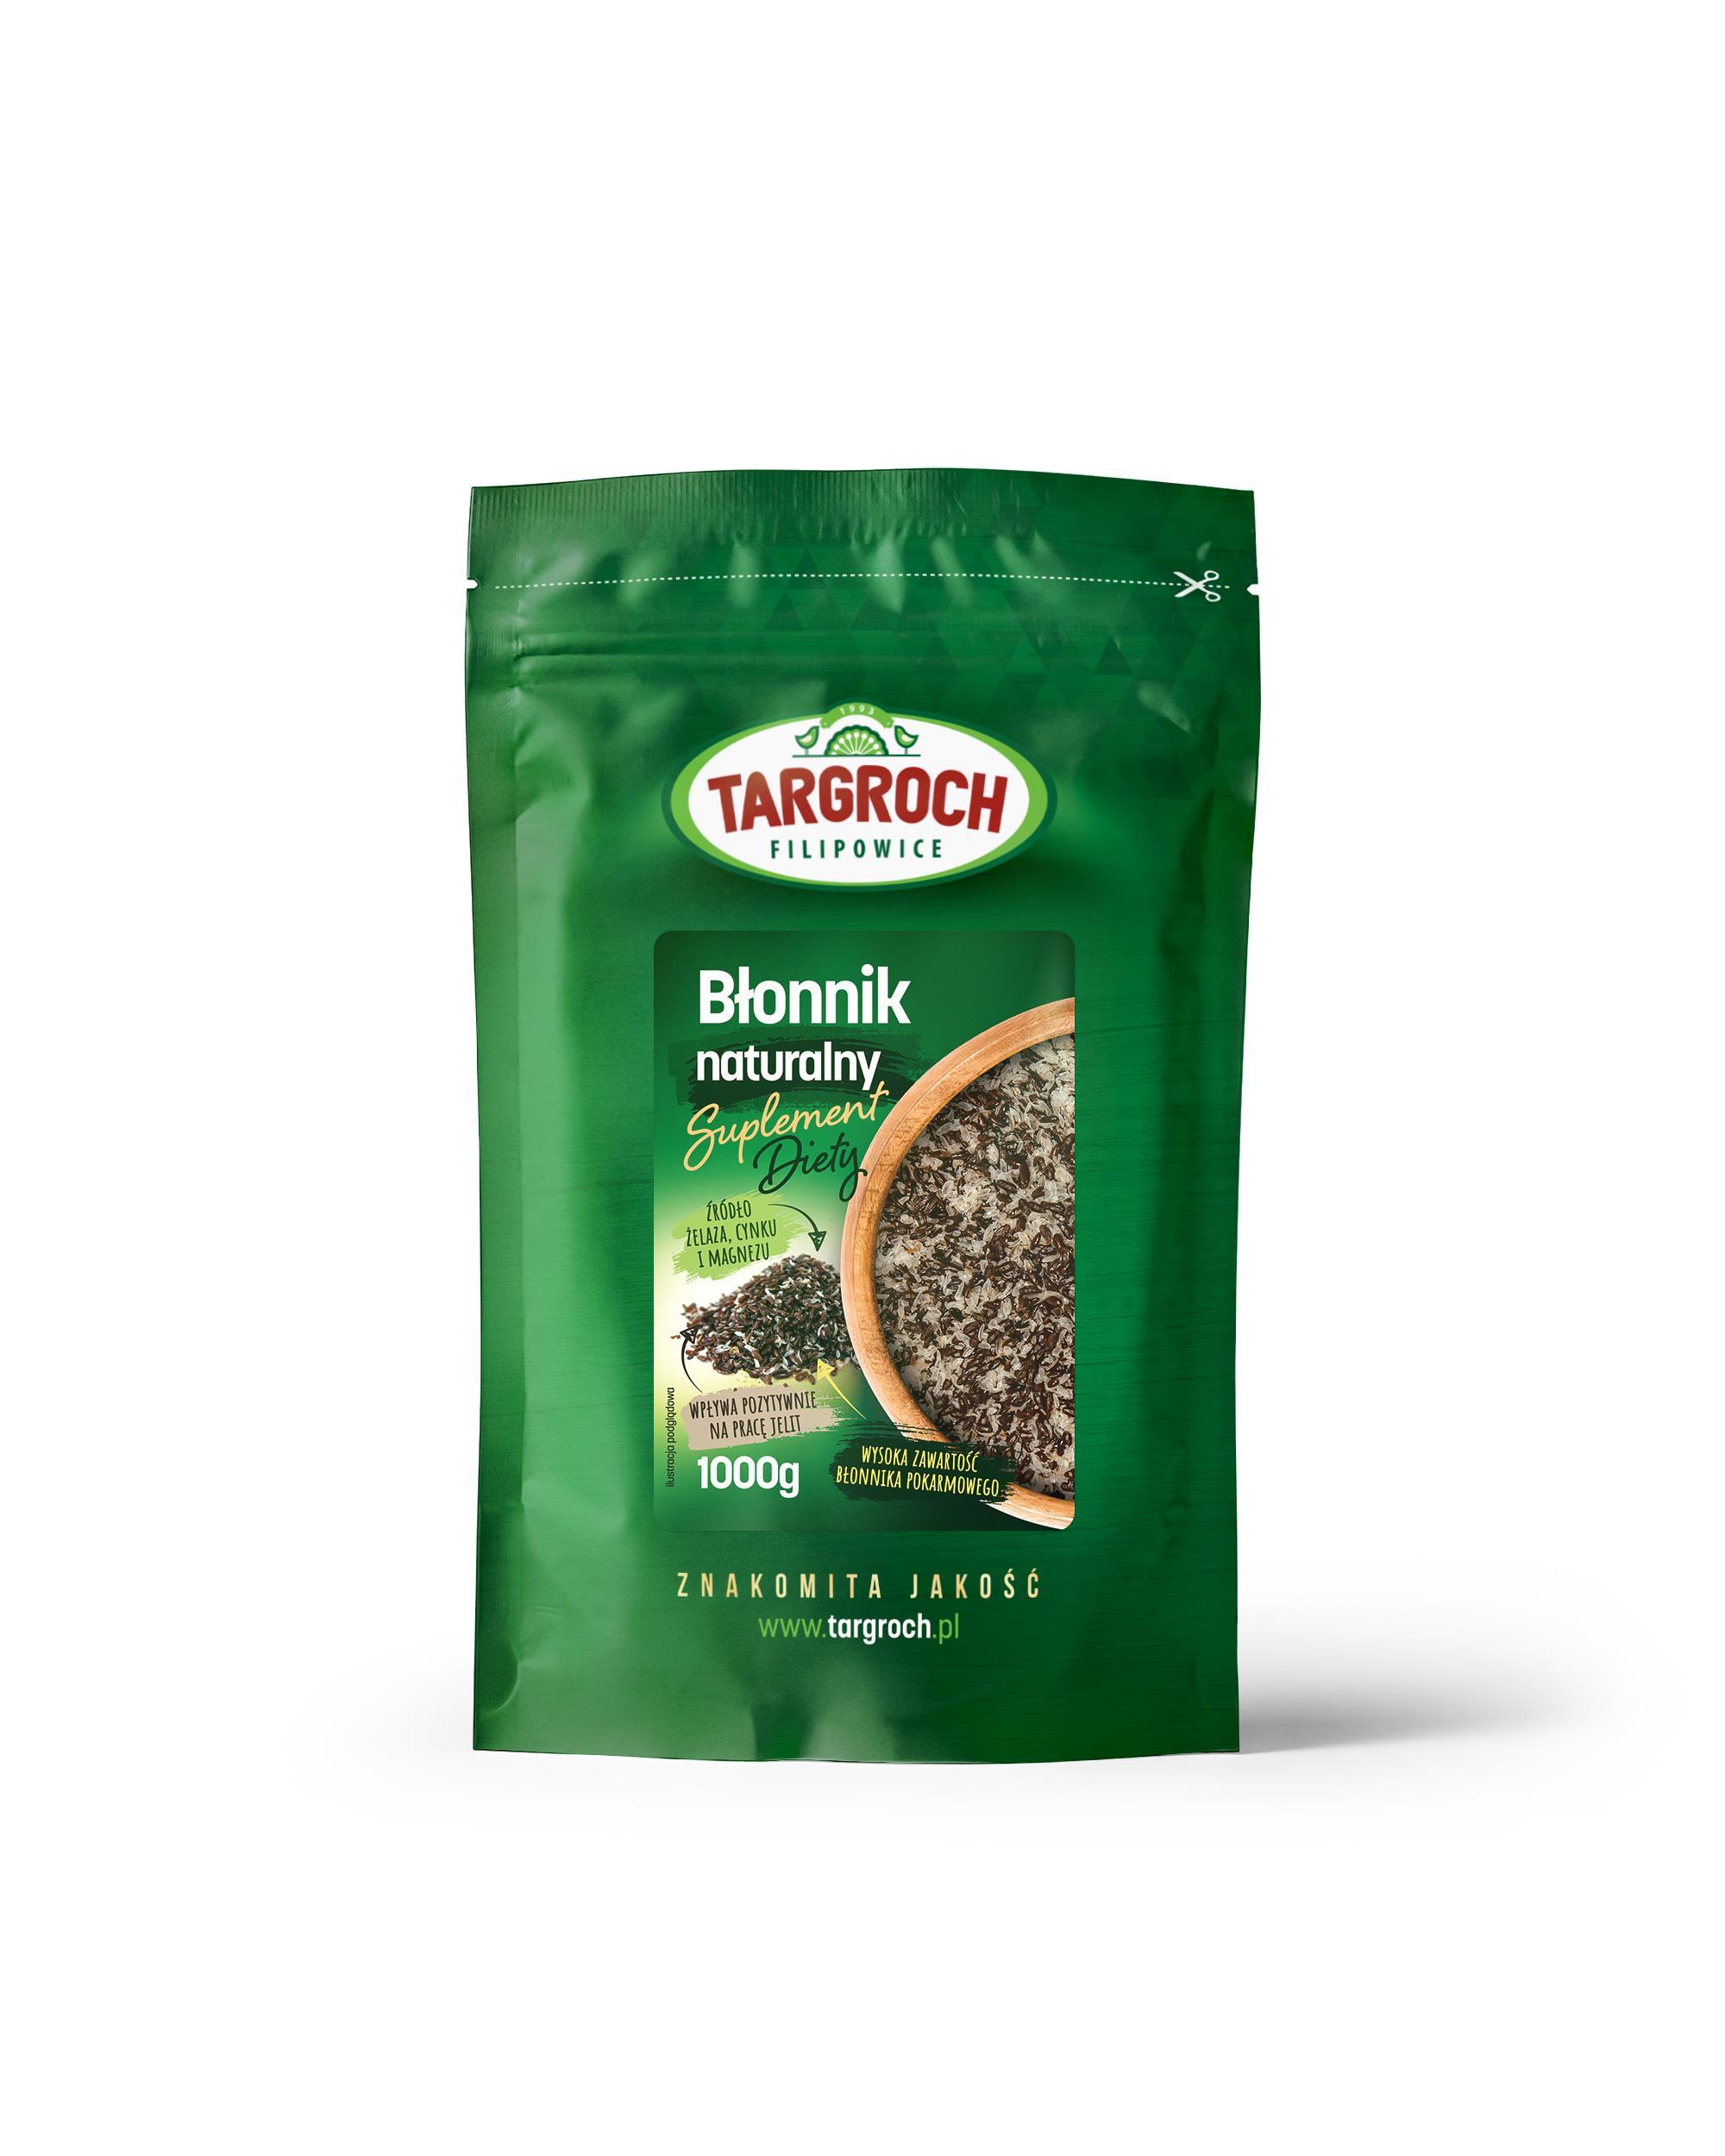 blonnik-naturalny-suplement-diety_2